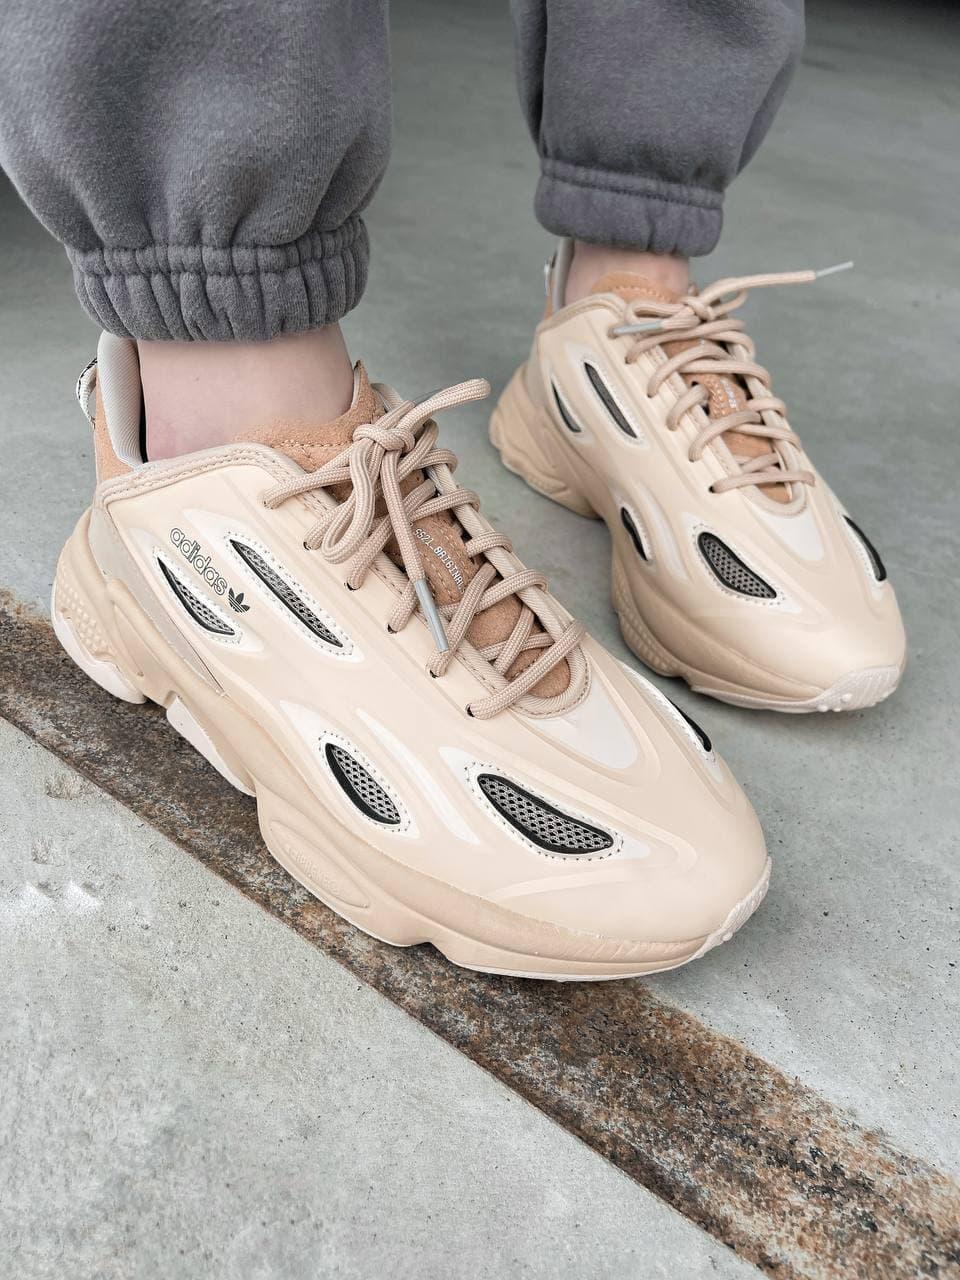 Кросівки жіночі бежевого кольору. Стильні жіночі кросівки бежеві.